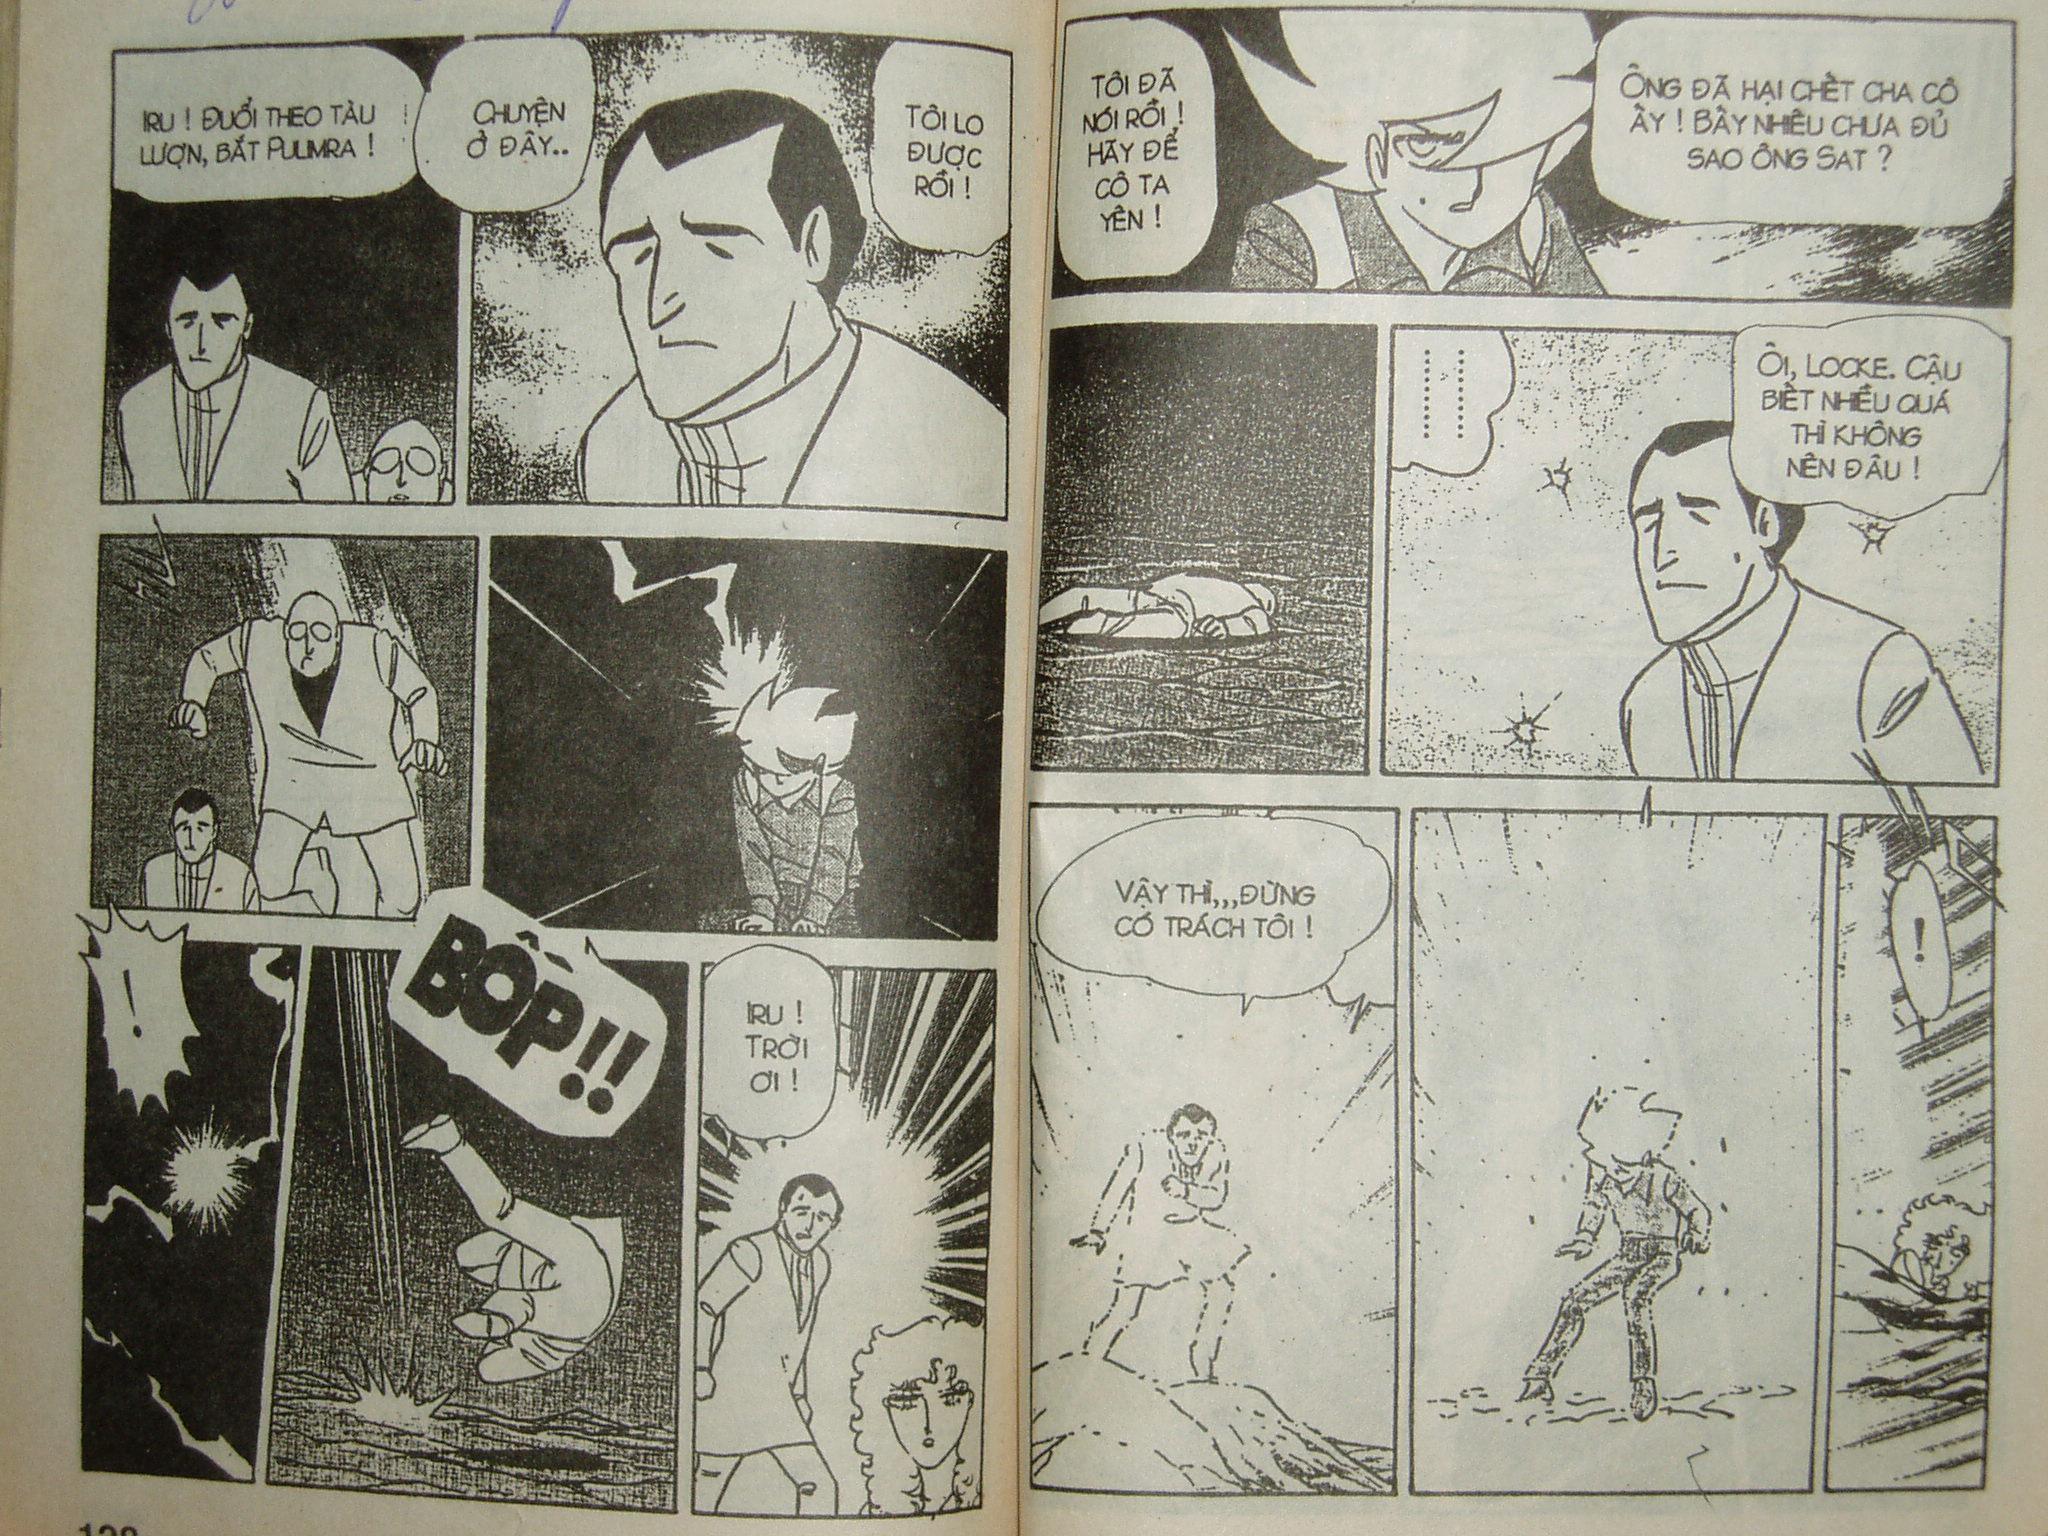 Siêu nhân Locke vol 16 trang 62